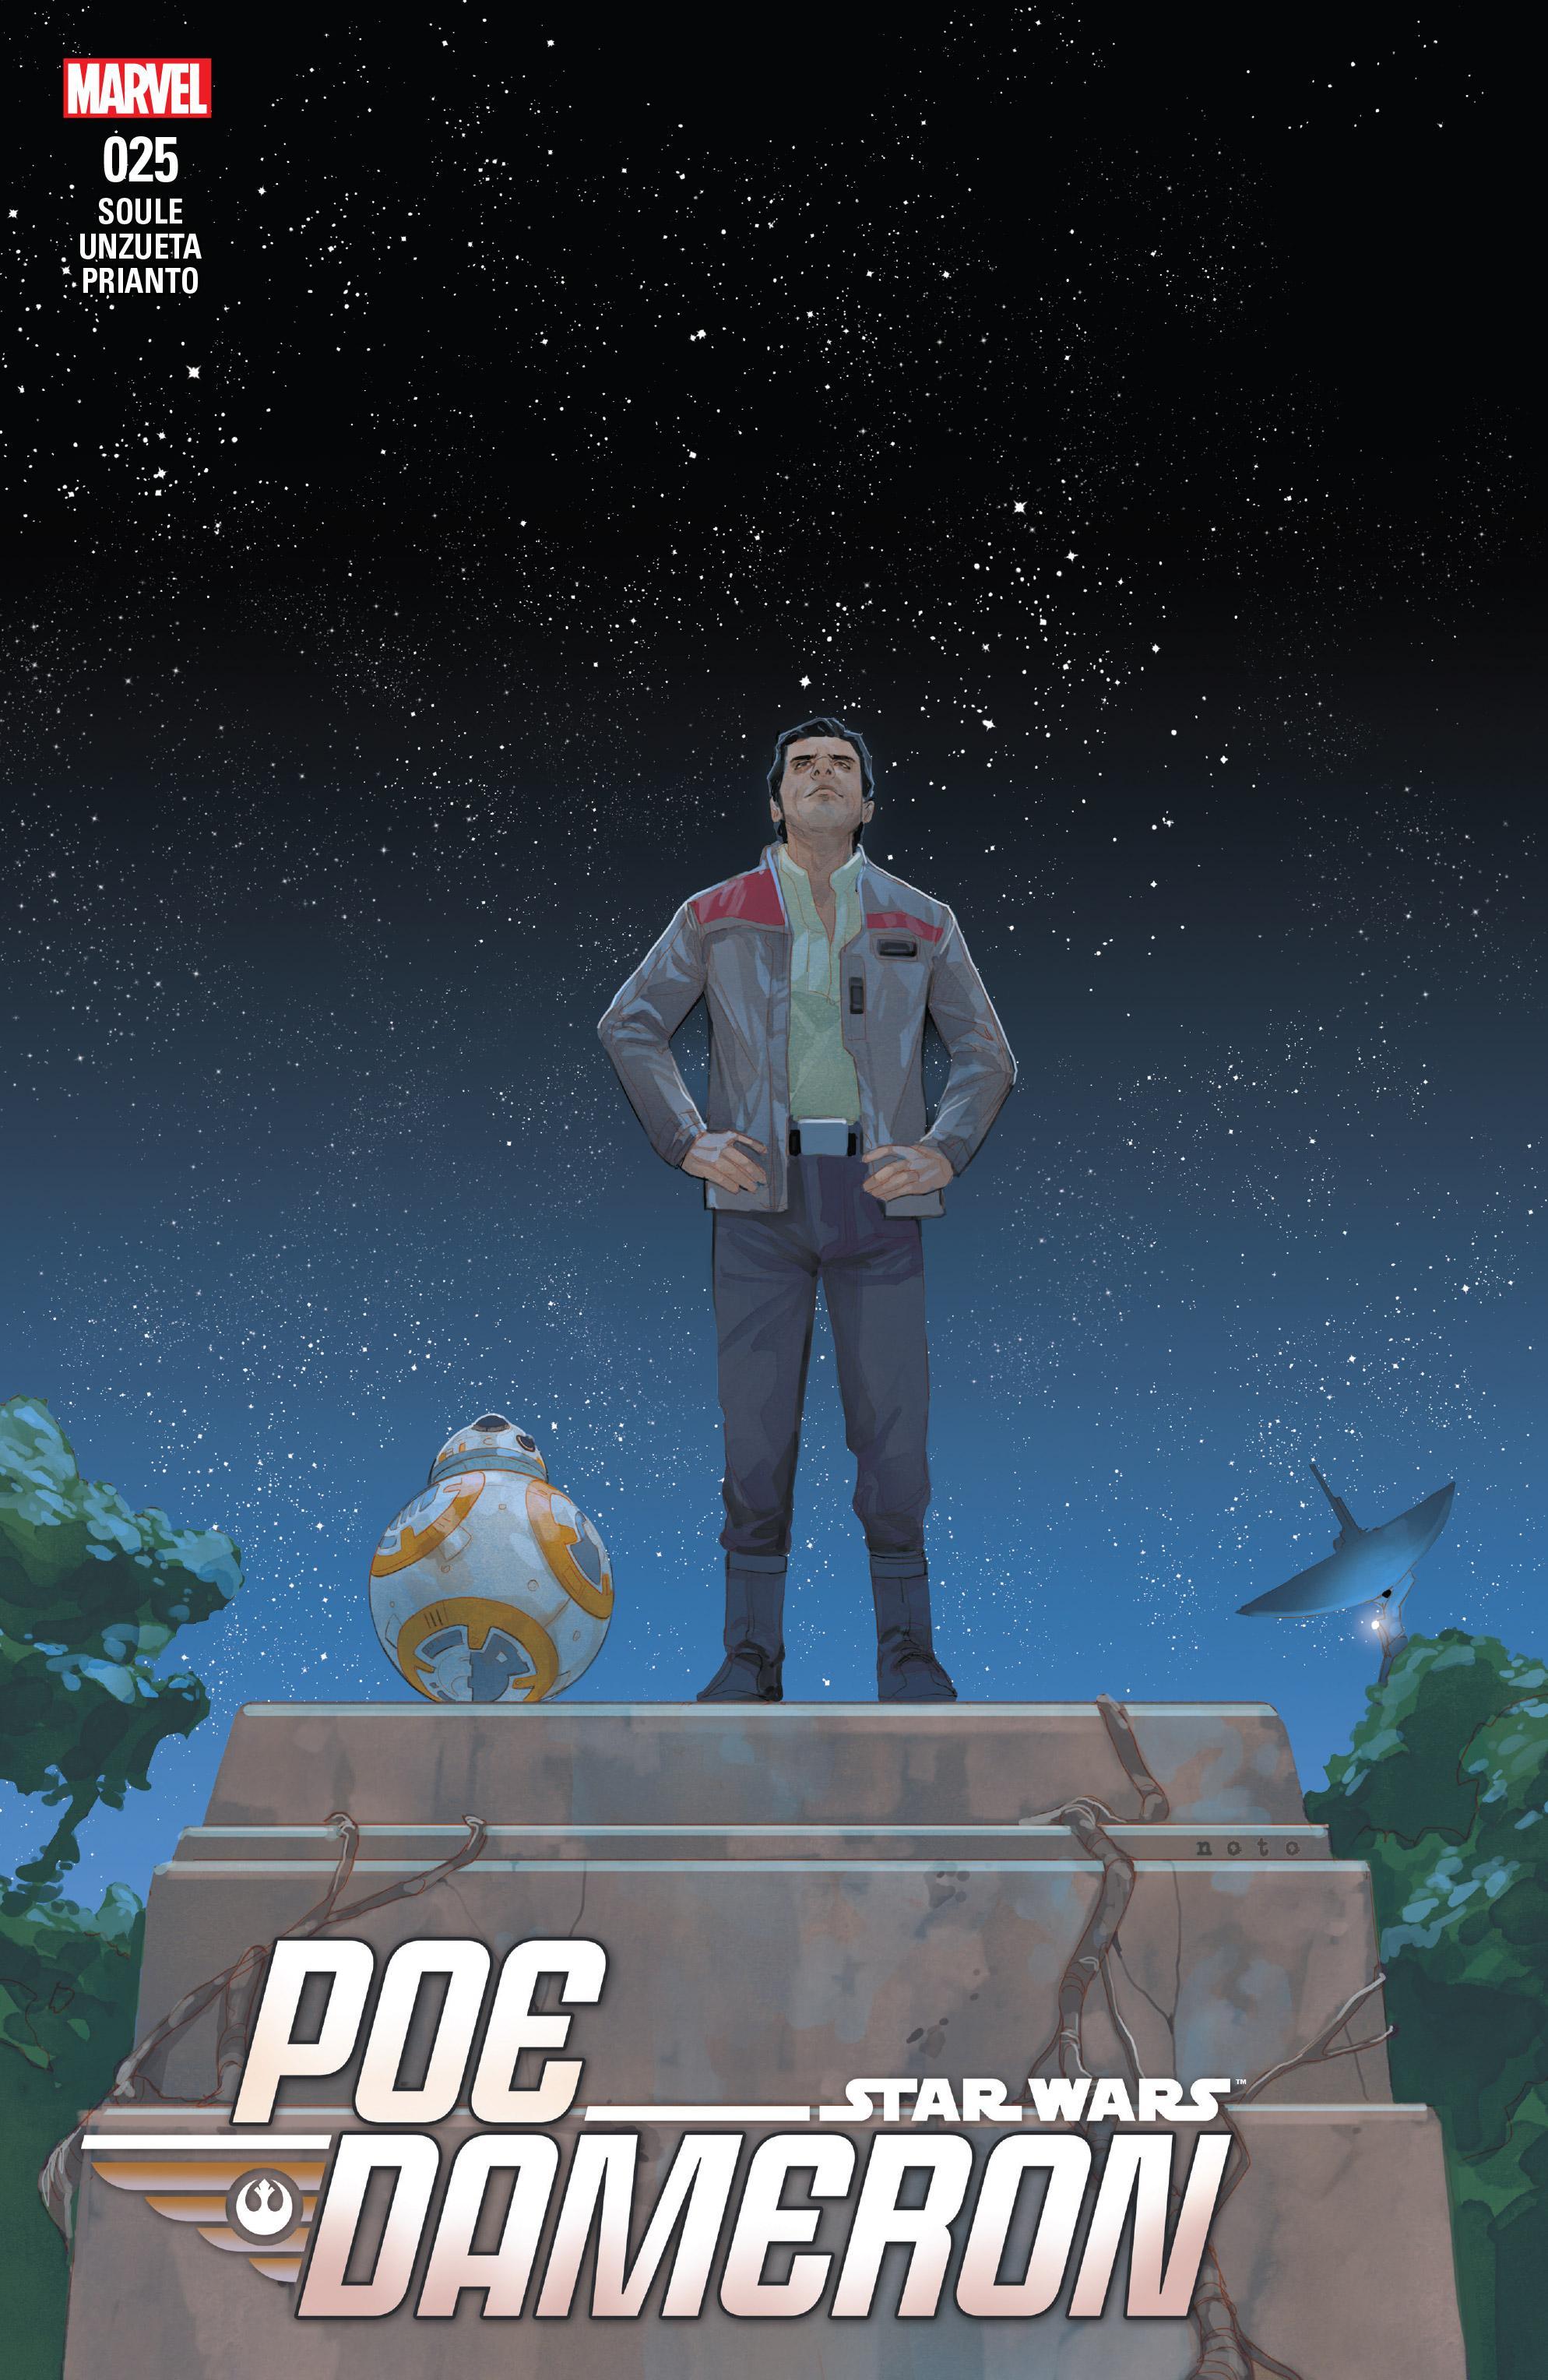 Звёздные войны. По Дэмерон 25: Найденная легенда, часть 6